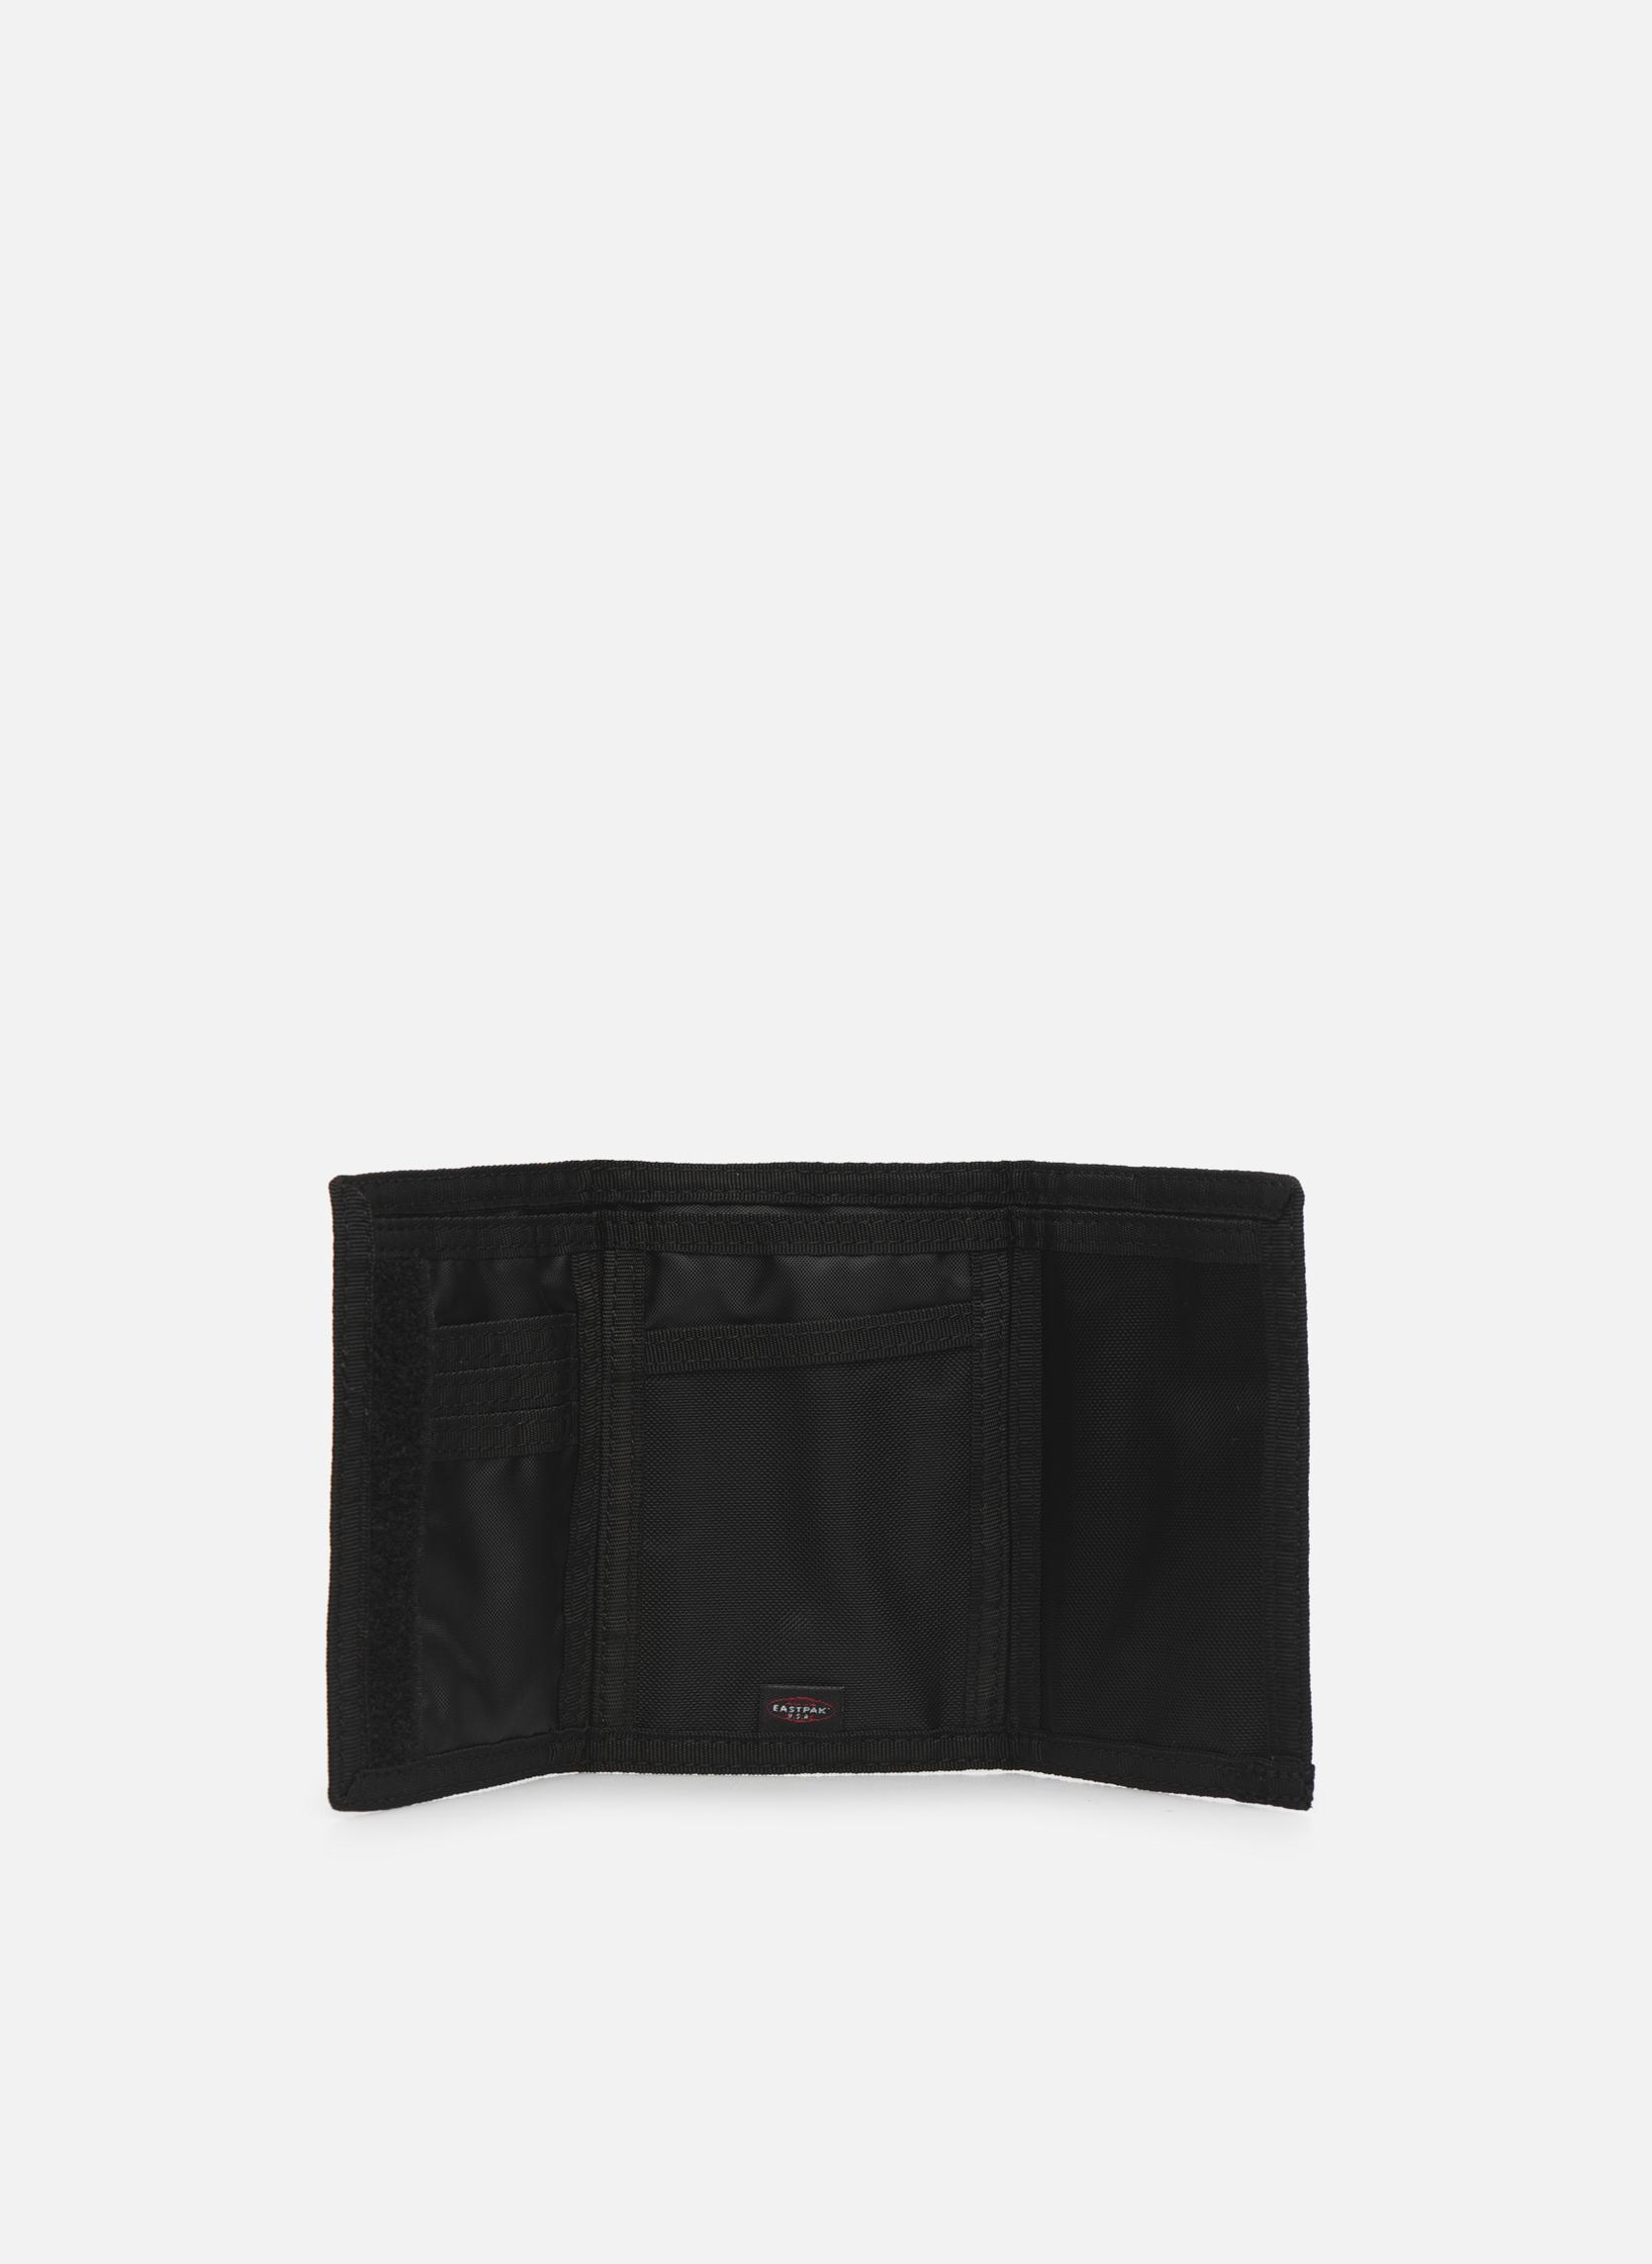 Petite Maroquinerie Eastpak CREW Portefeuille toile Noir vue derrière